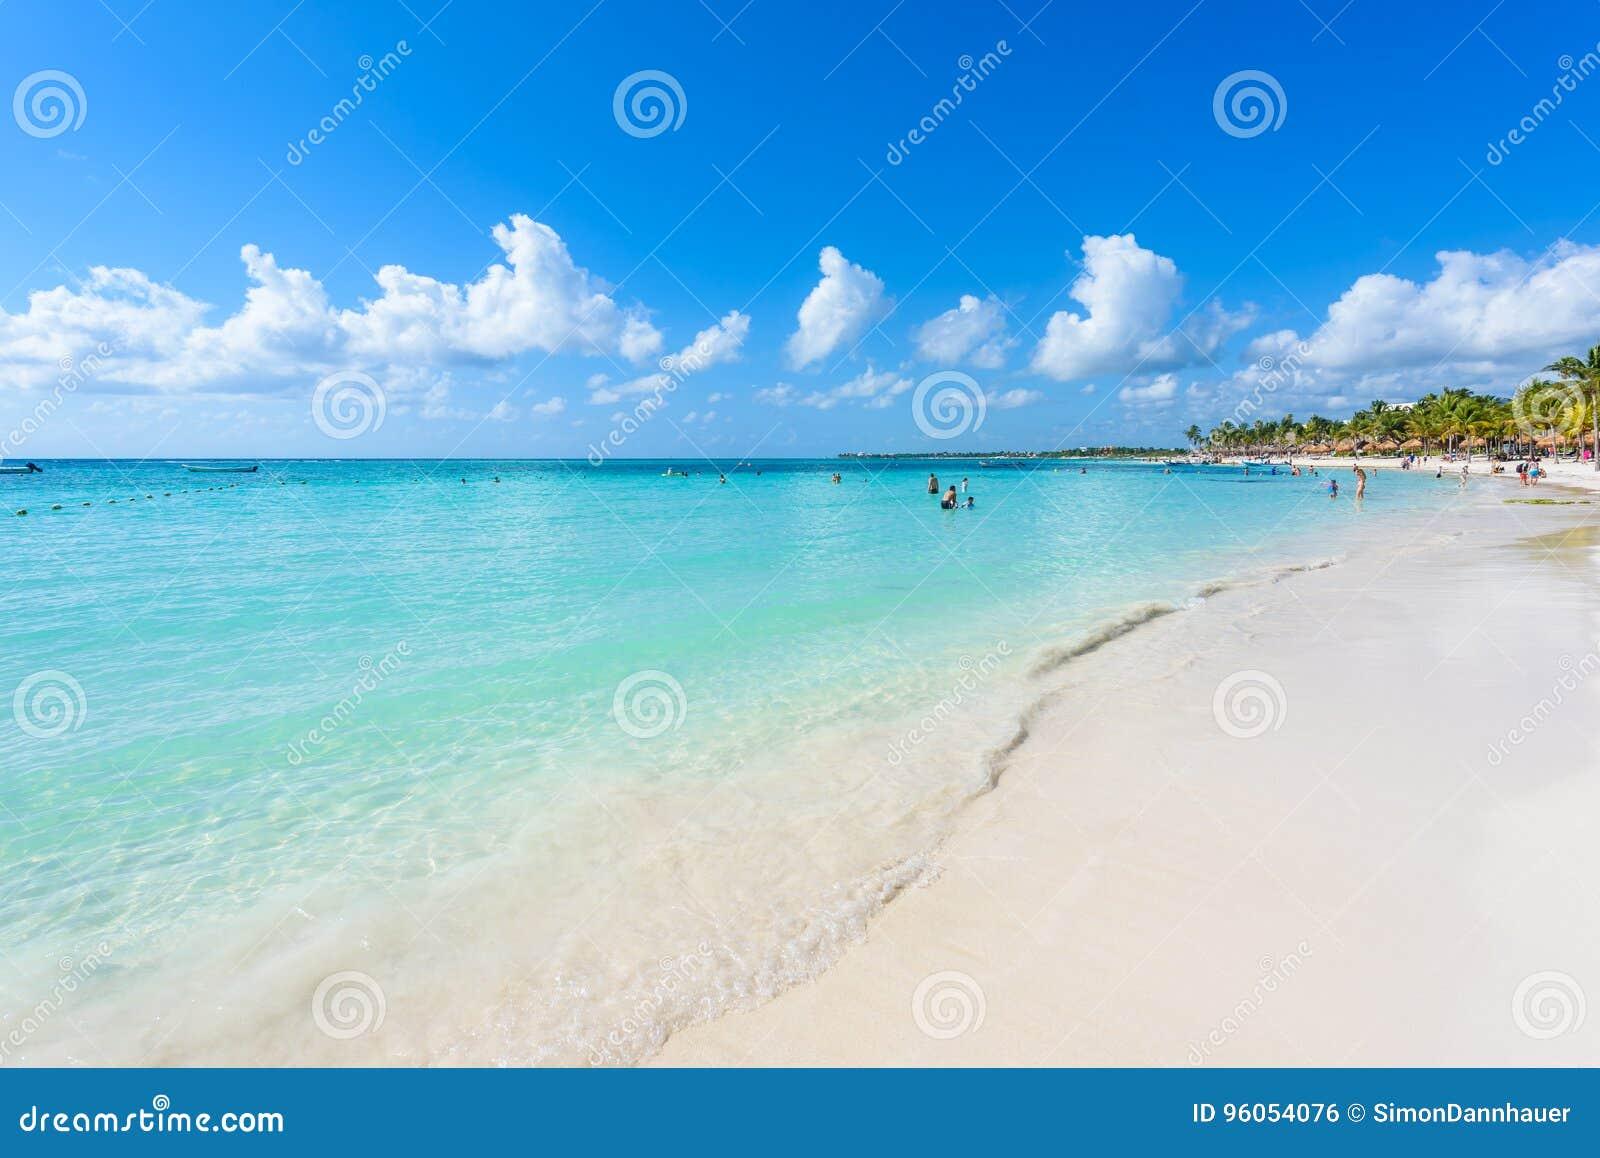 Plage d Akumal - plage de baie de paradis dans Quintana Roo, Mexique - côte des Caraïbes